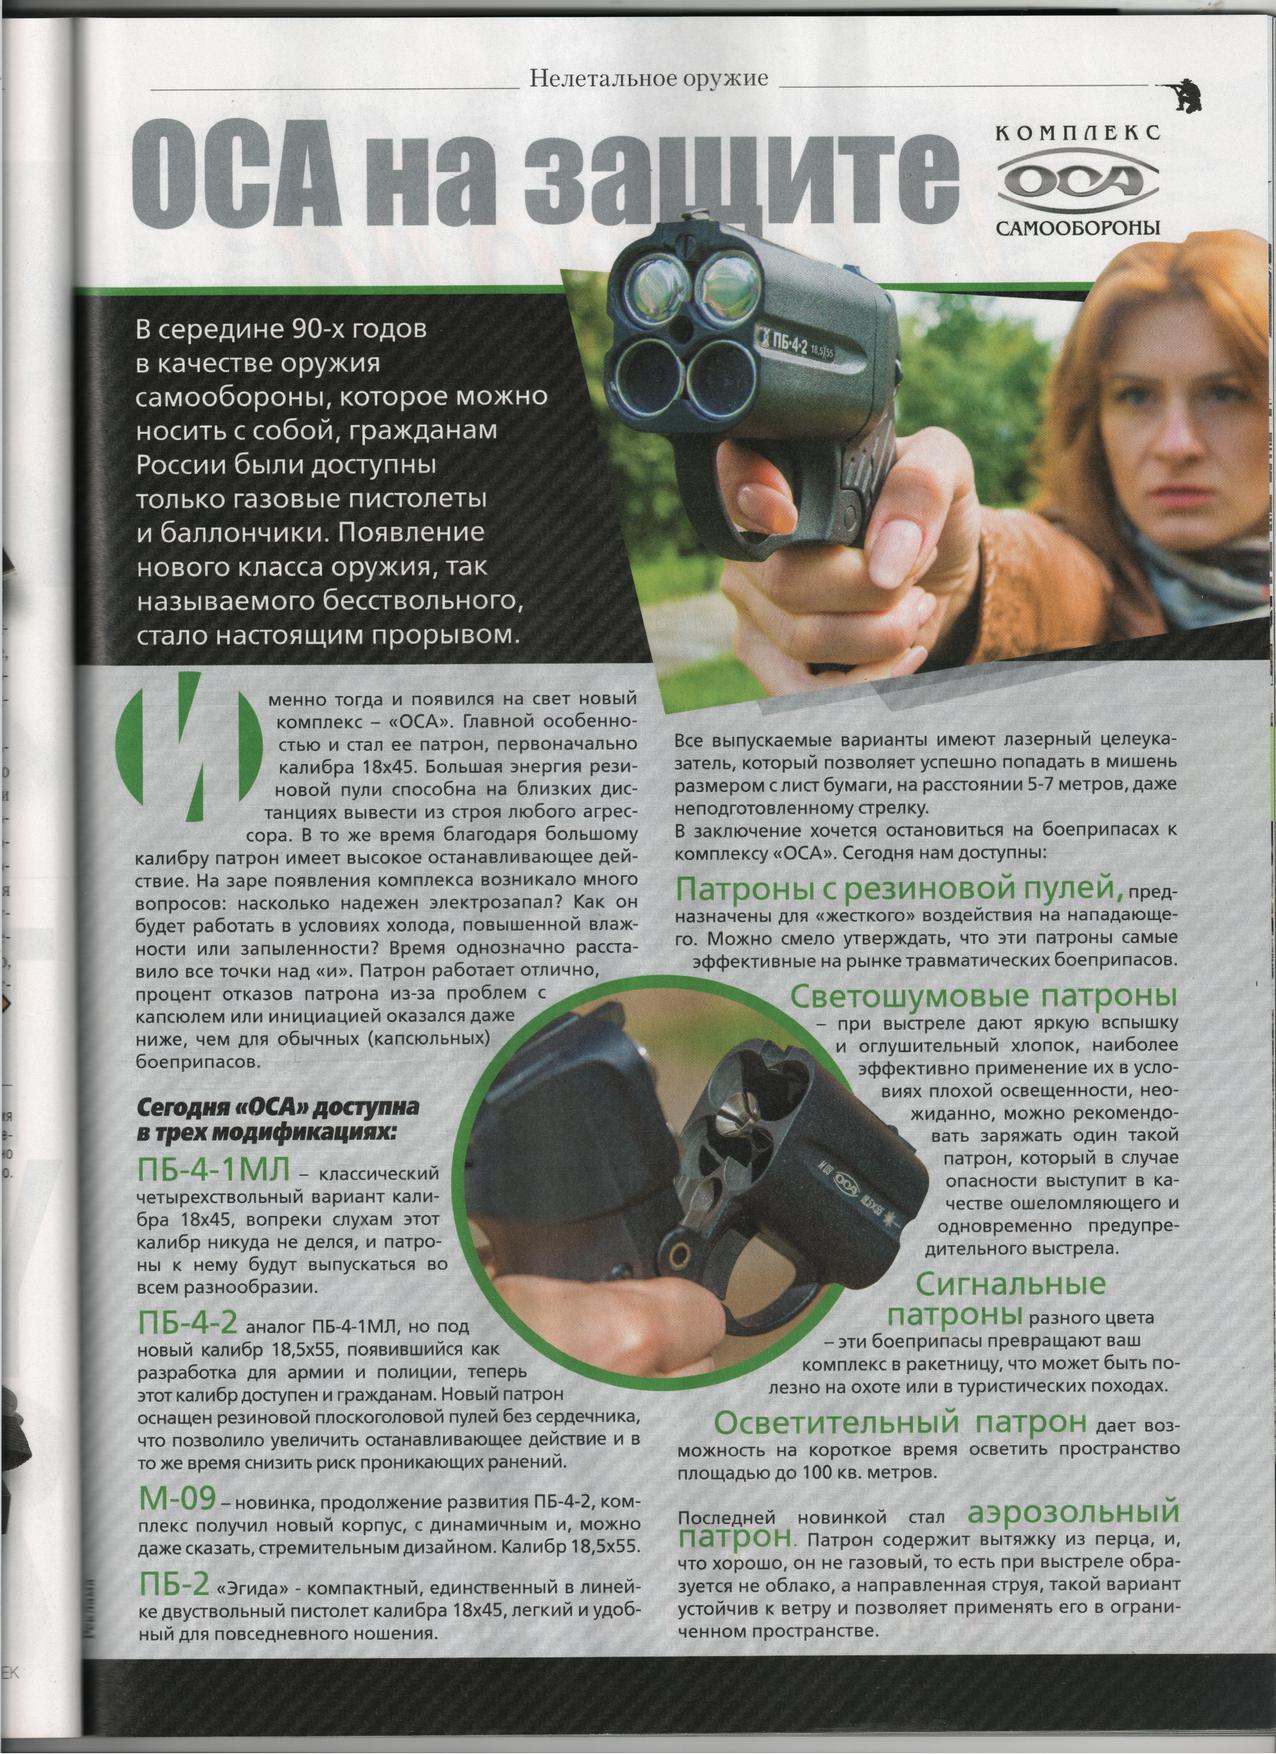 травматический пистолет оса схема и ремонт